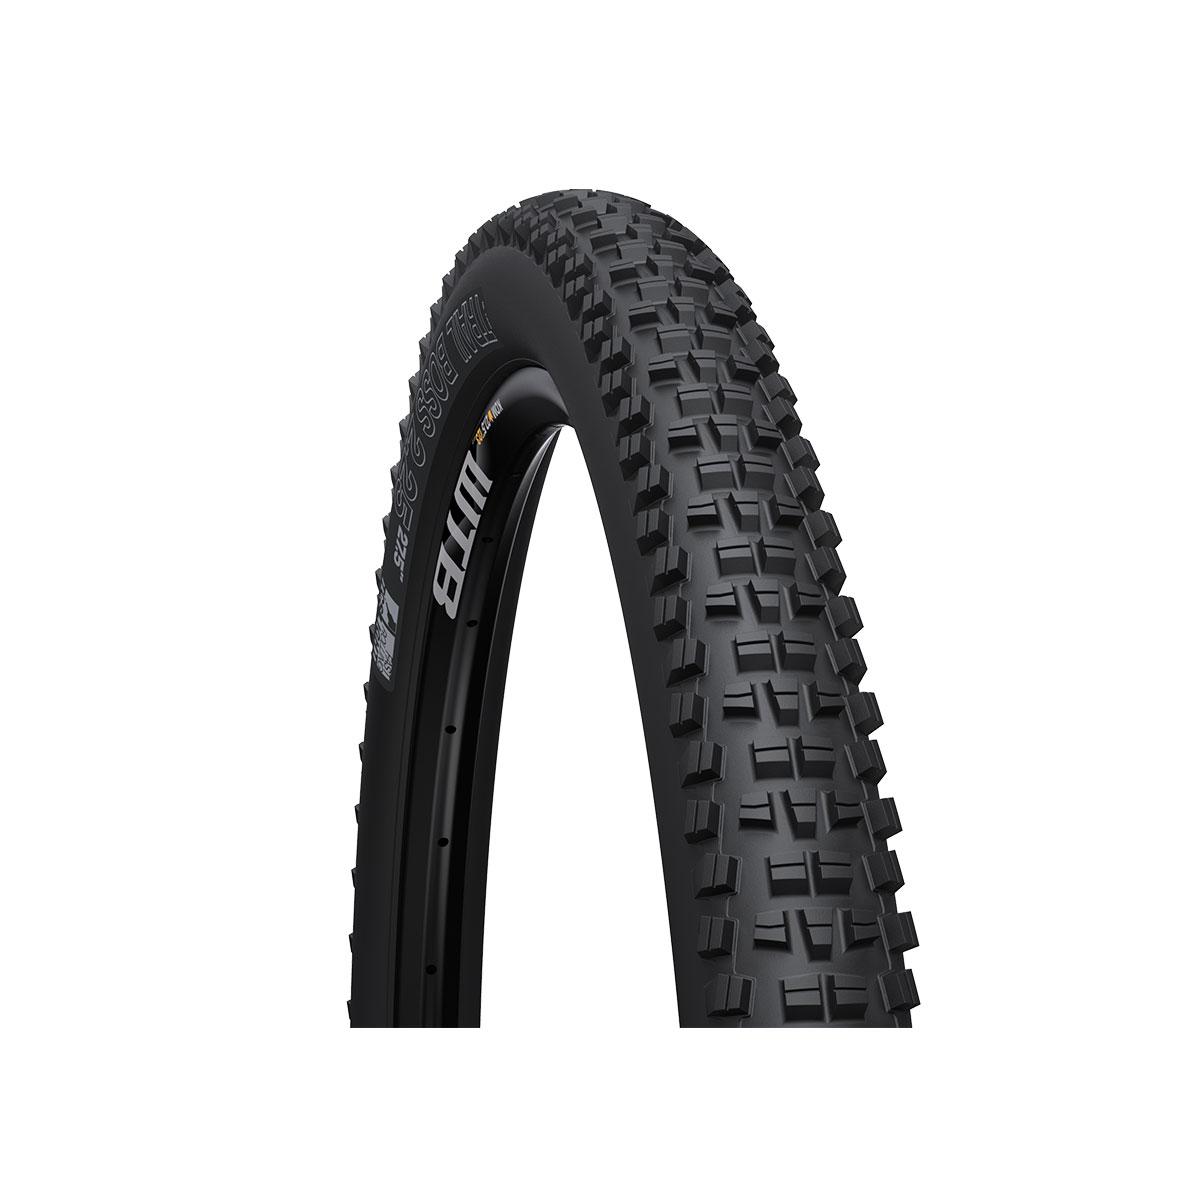 """WTB Trail Boss Light/Fast Rolling Tire 2.4 x 27.5"""""""